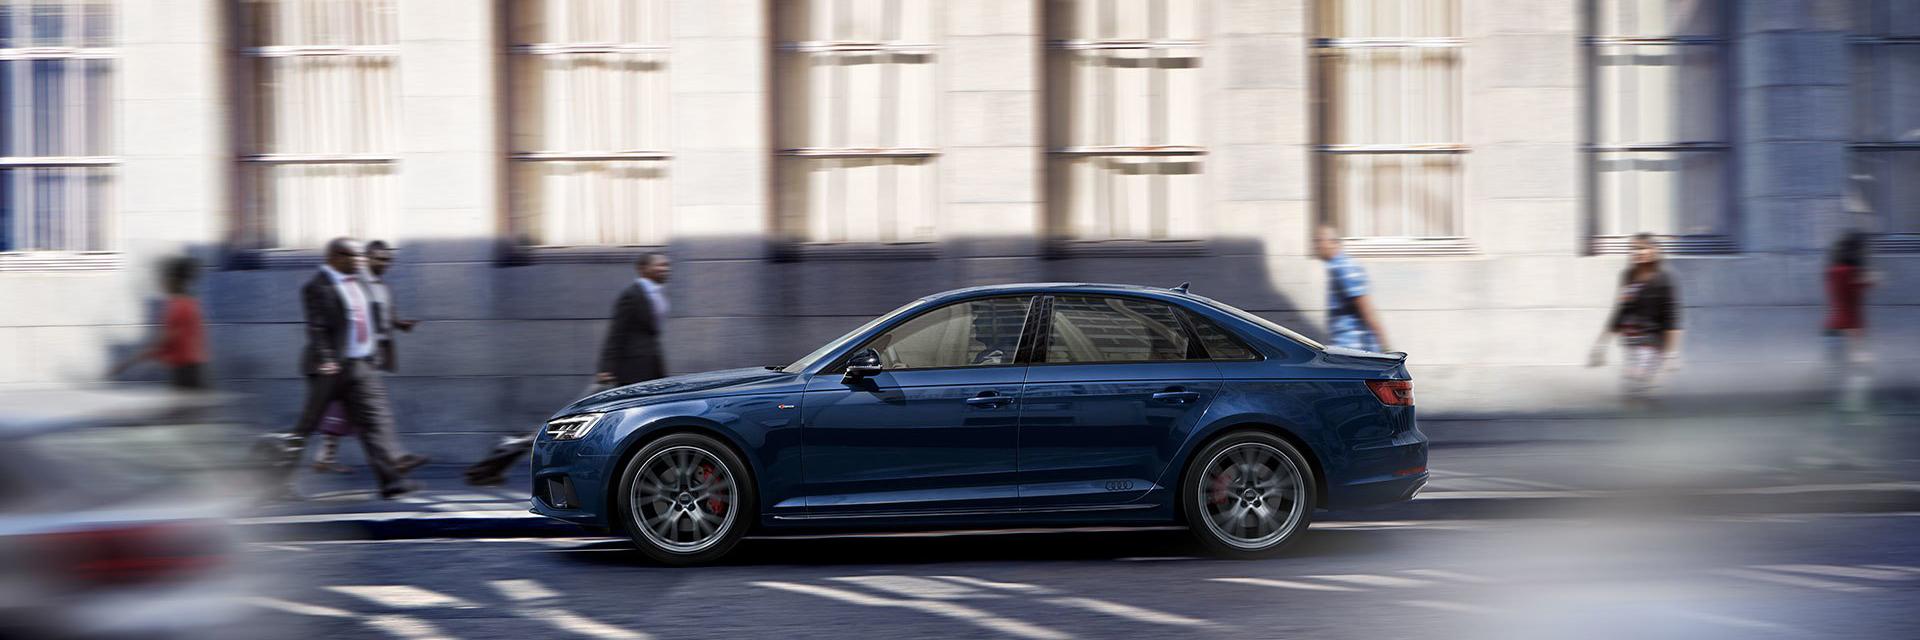 Audi A4 – новое воплощение